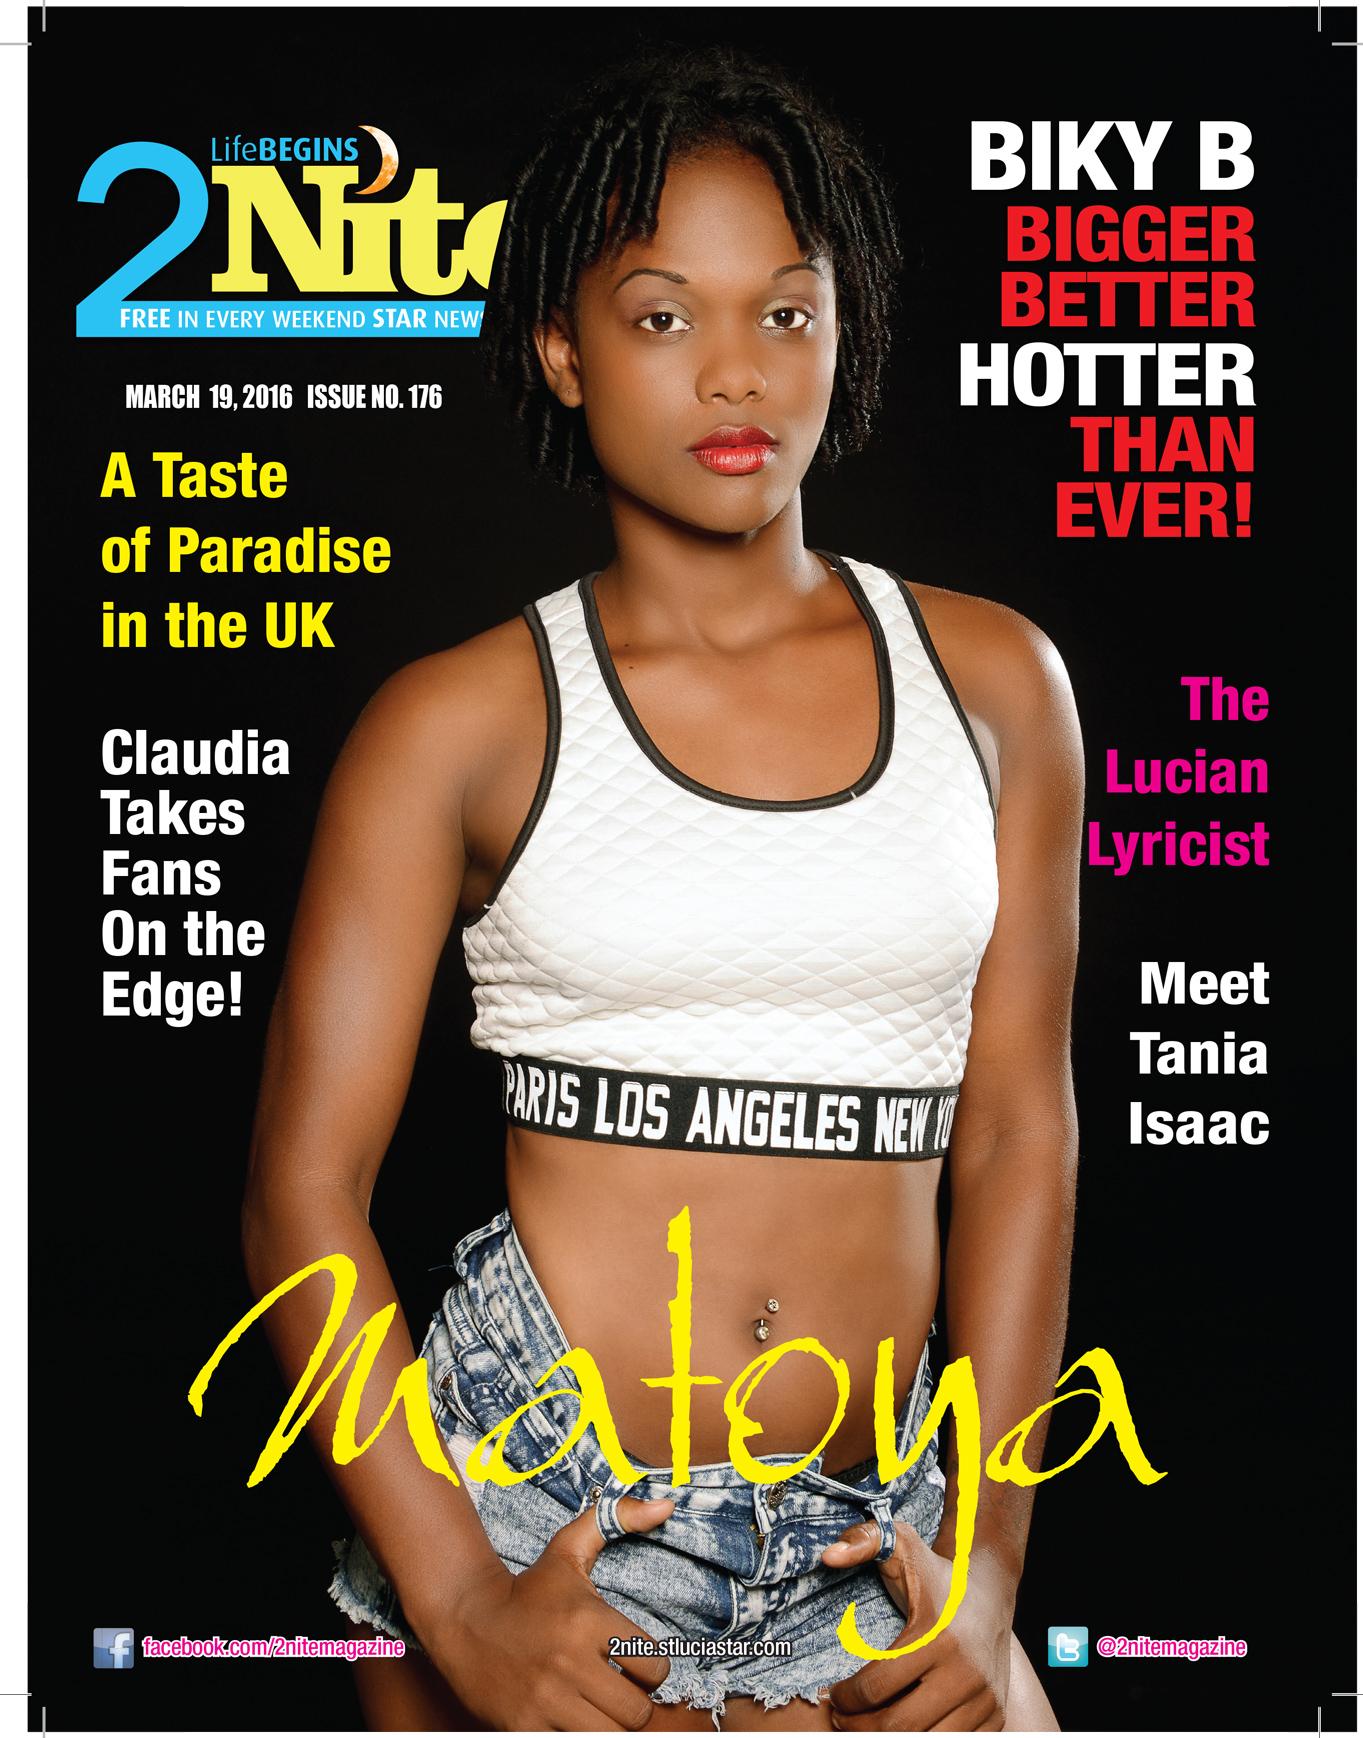 2Nite Magazine Saturday March 19th, 2016 ~ Issue no. 176